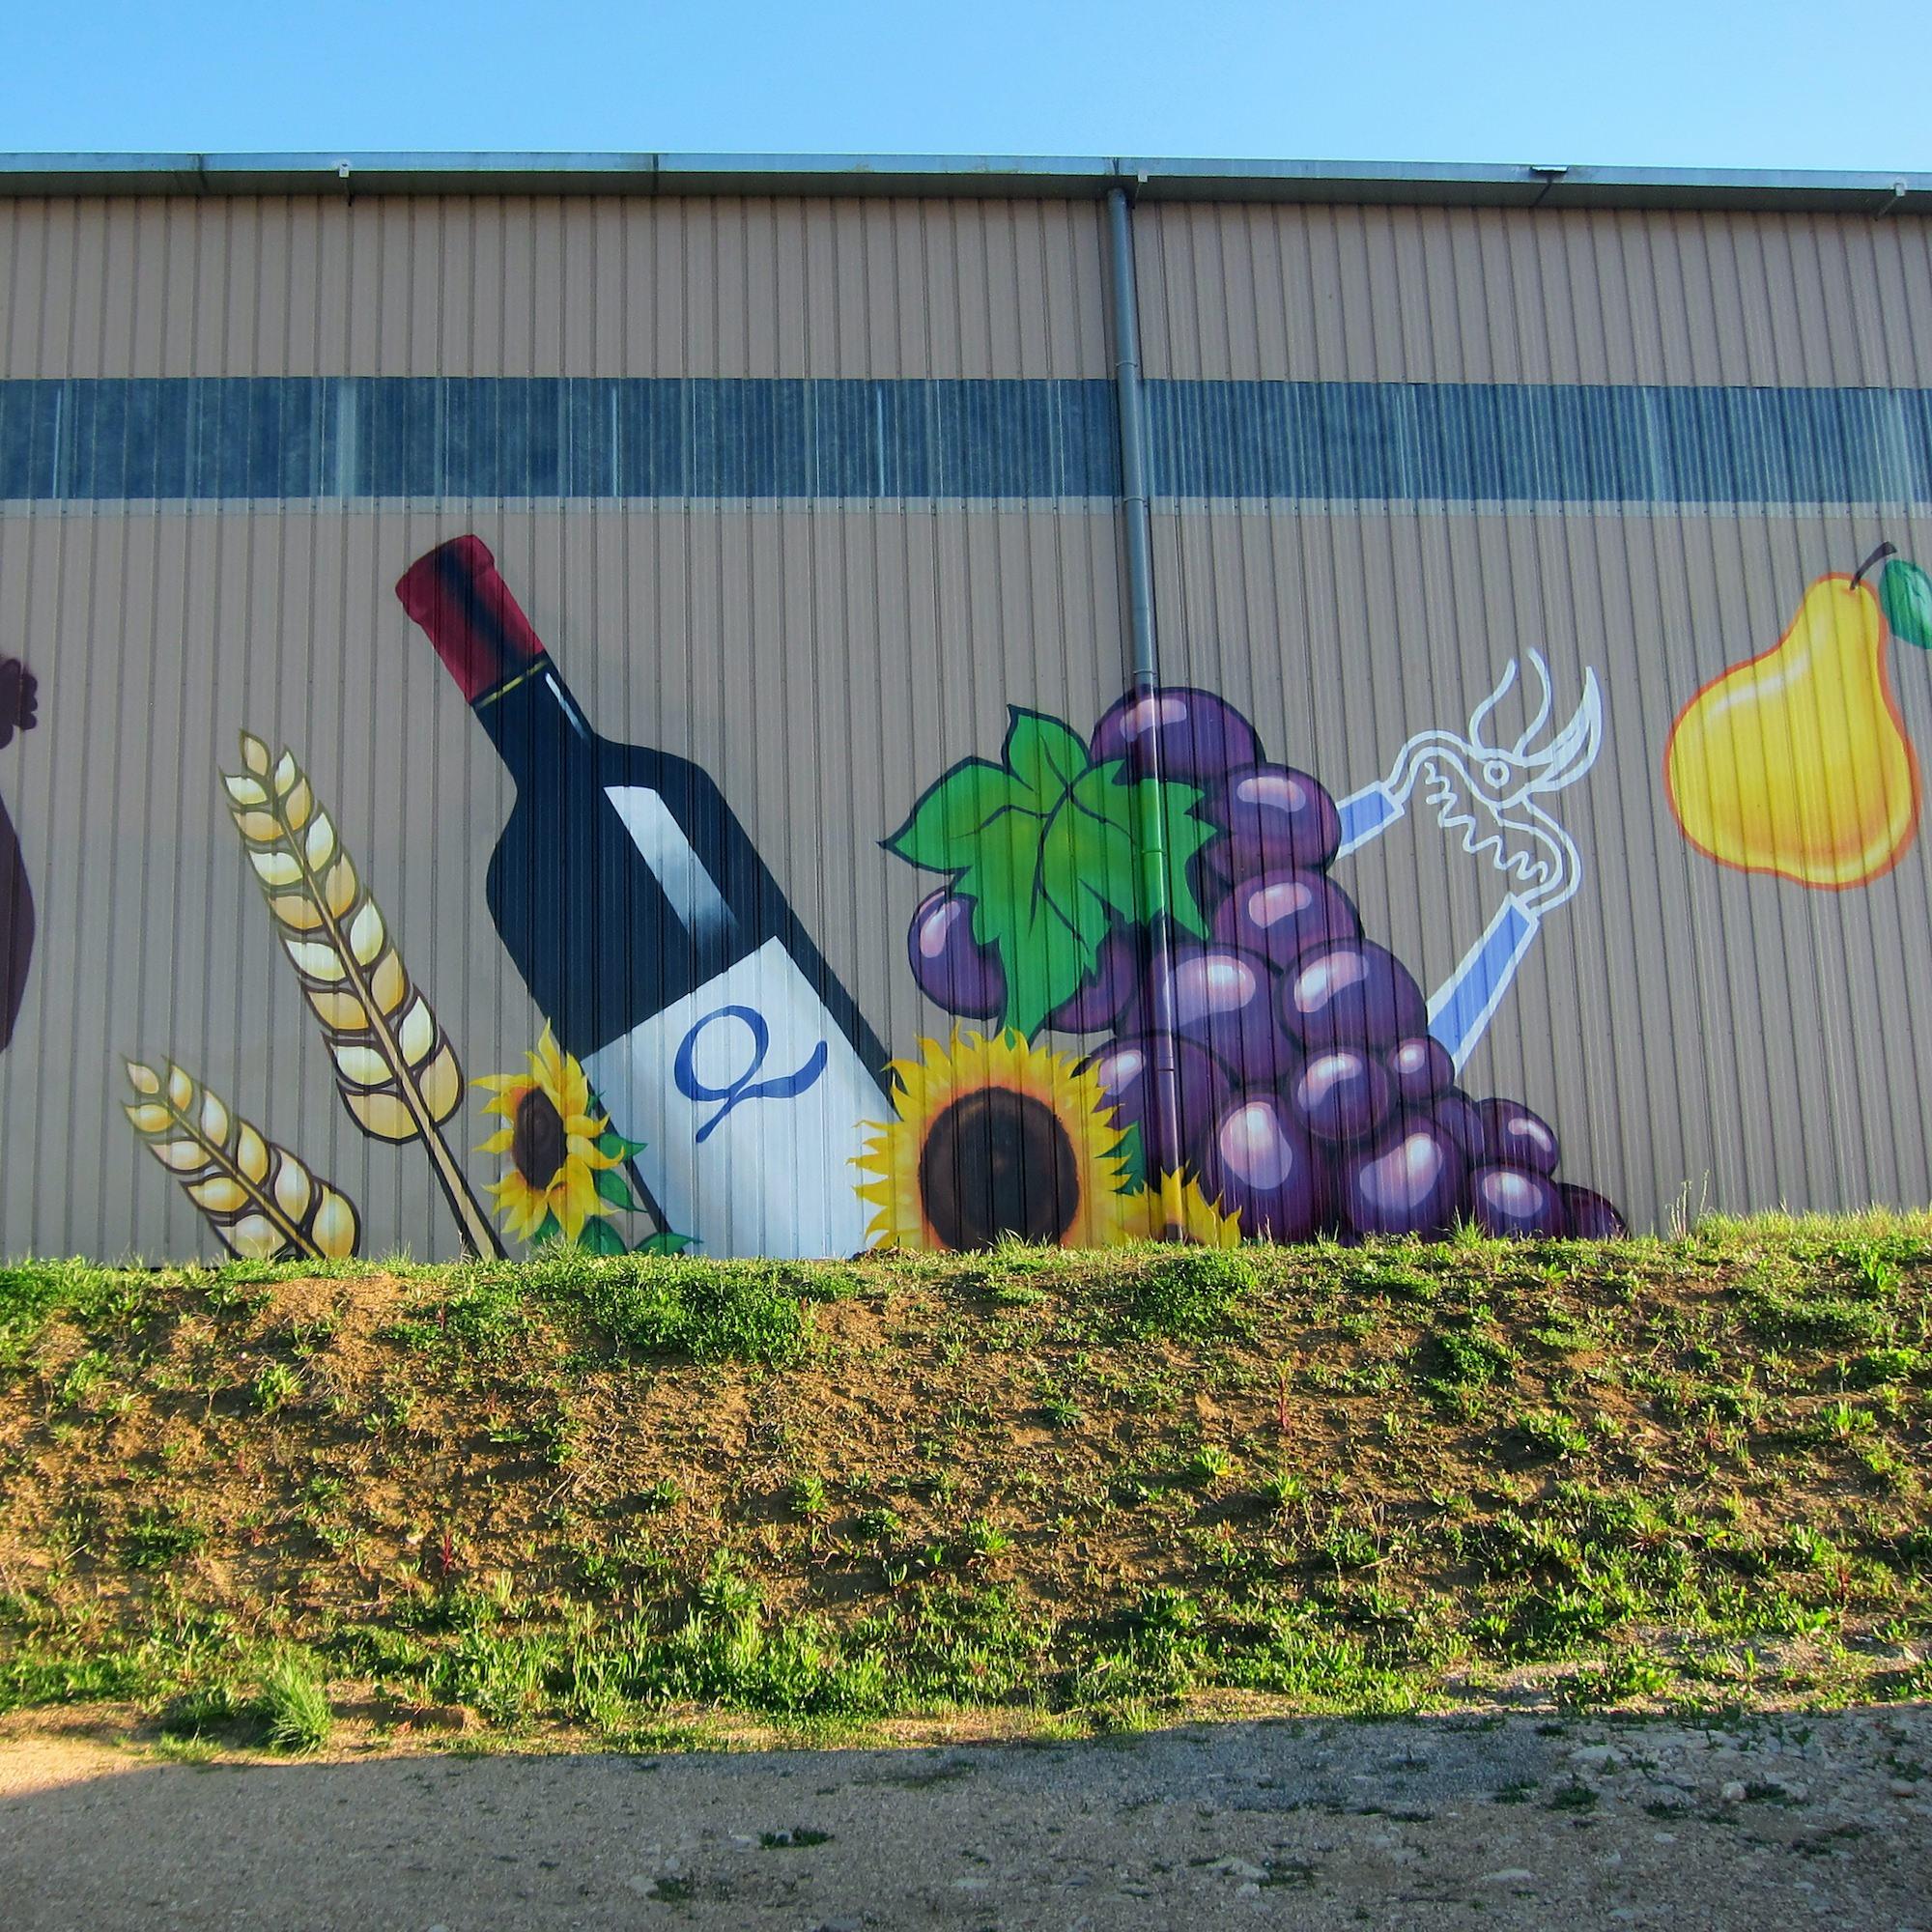 cuma fresque decoration cooperative agricole saint julien tarnetgaronne fresque batiment